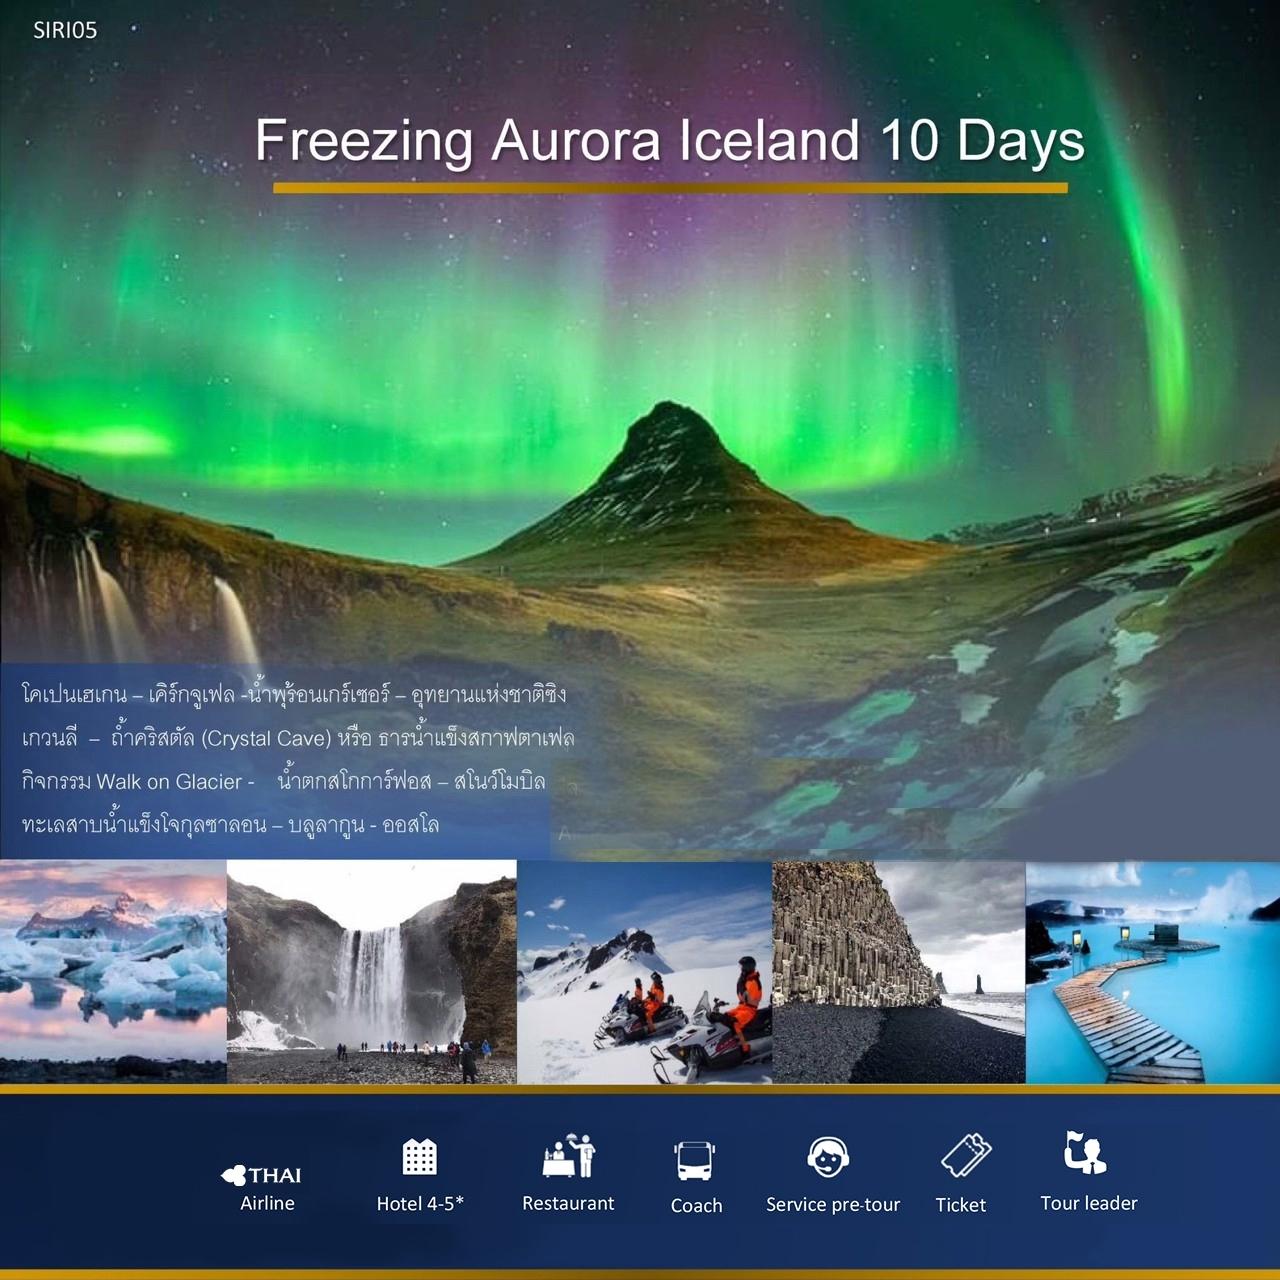 Freezing Aurora Iceland